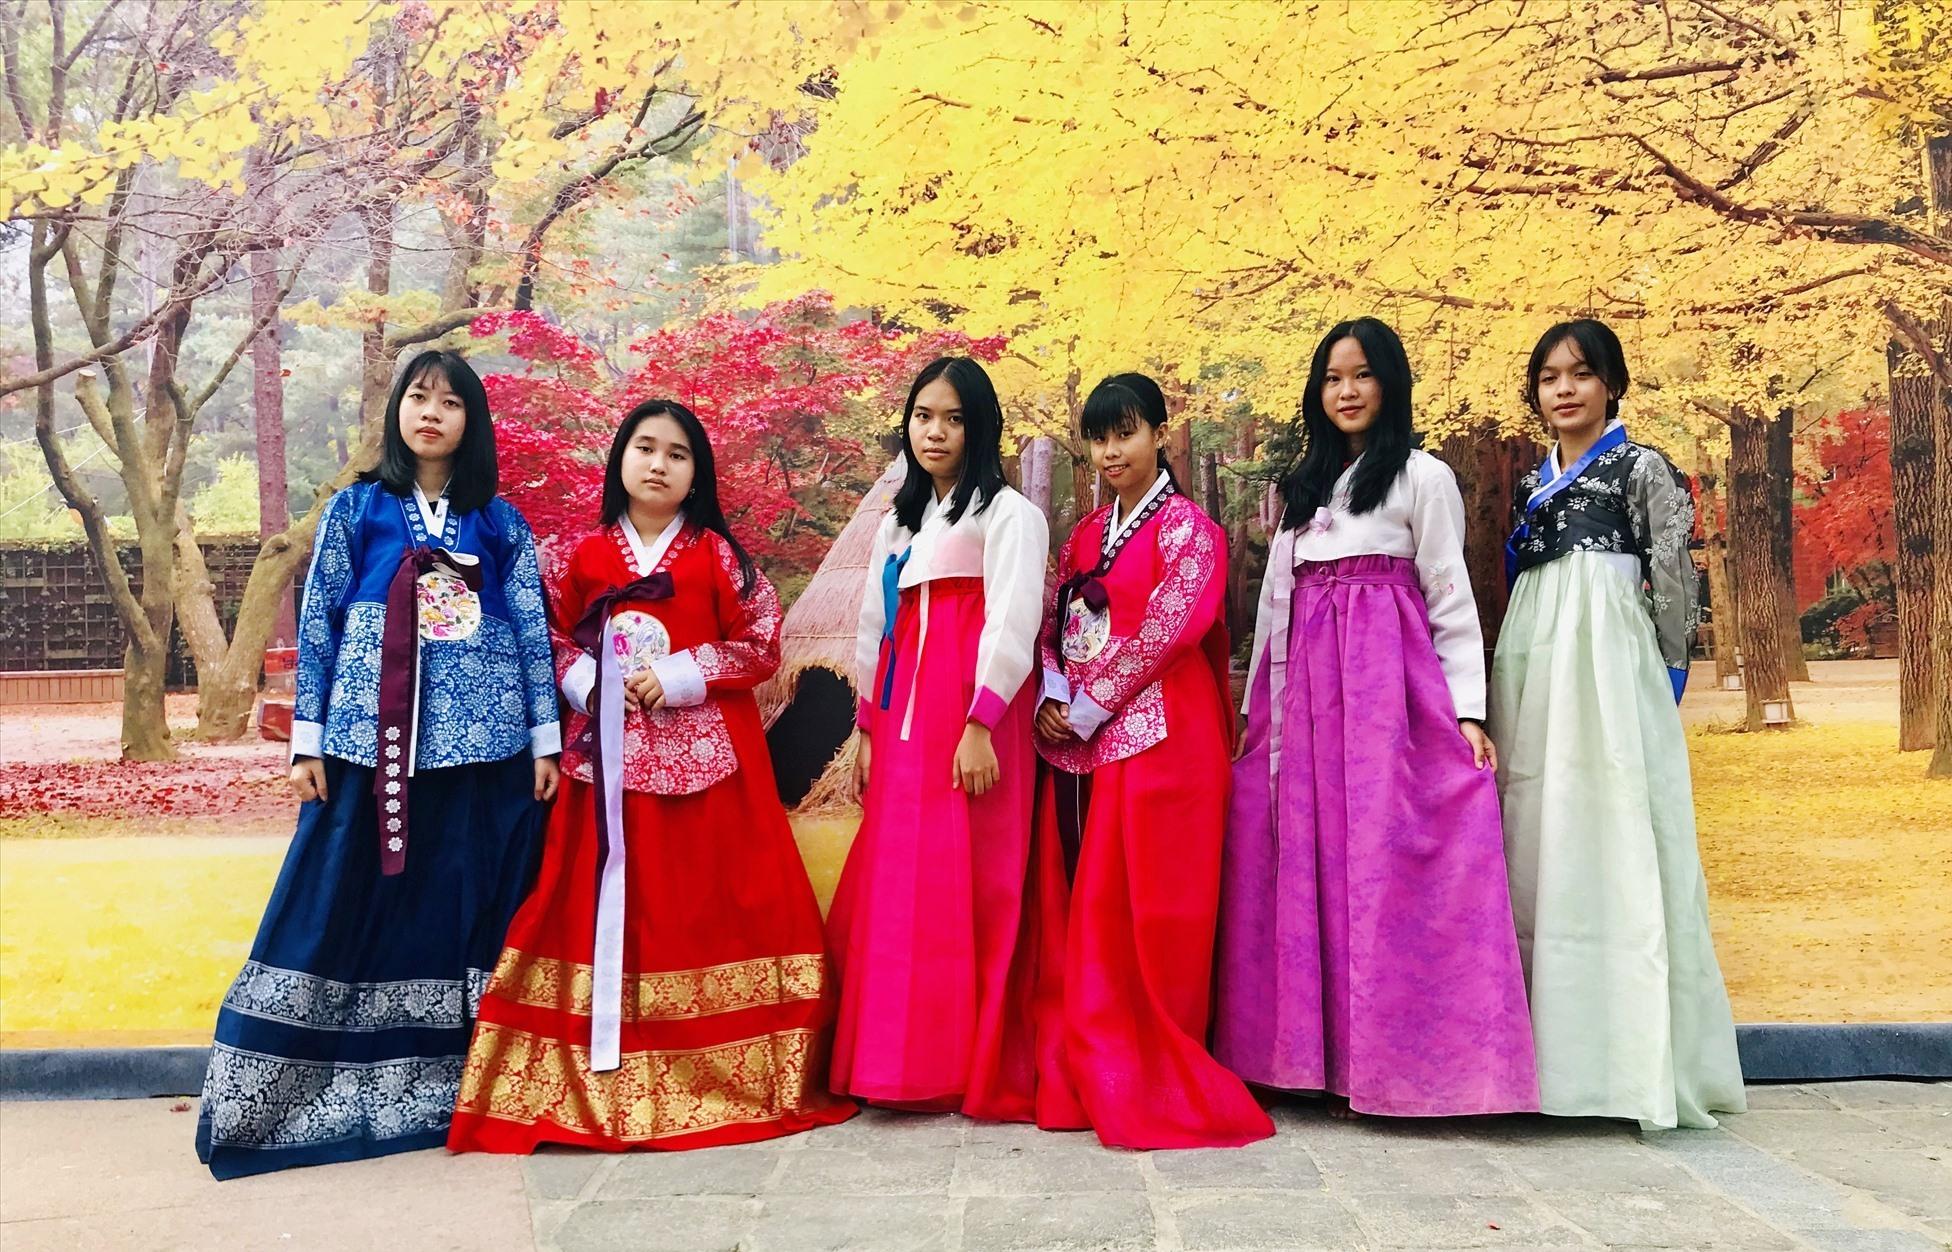 Trải nghiệm mặc trang phục truyền thống Hanbok của Hàn Quốc. Ảnh: T.Q